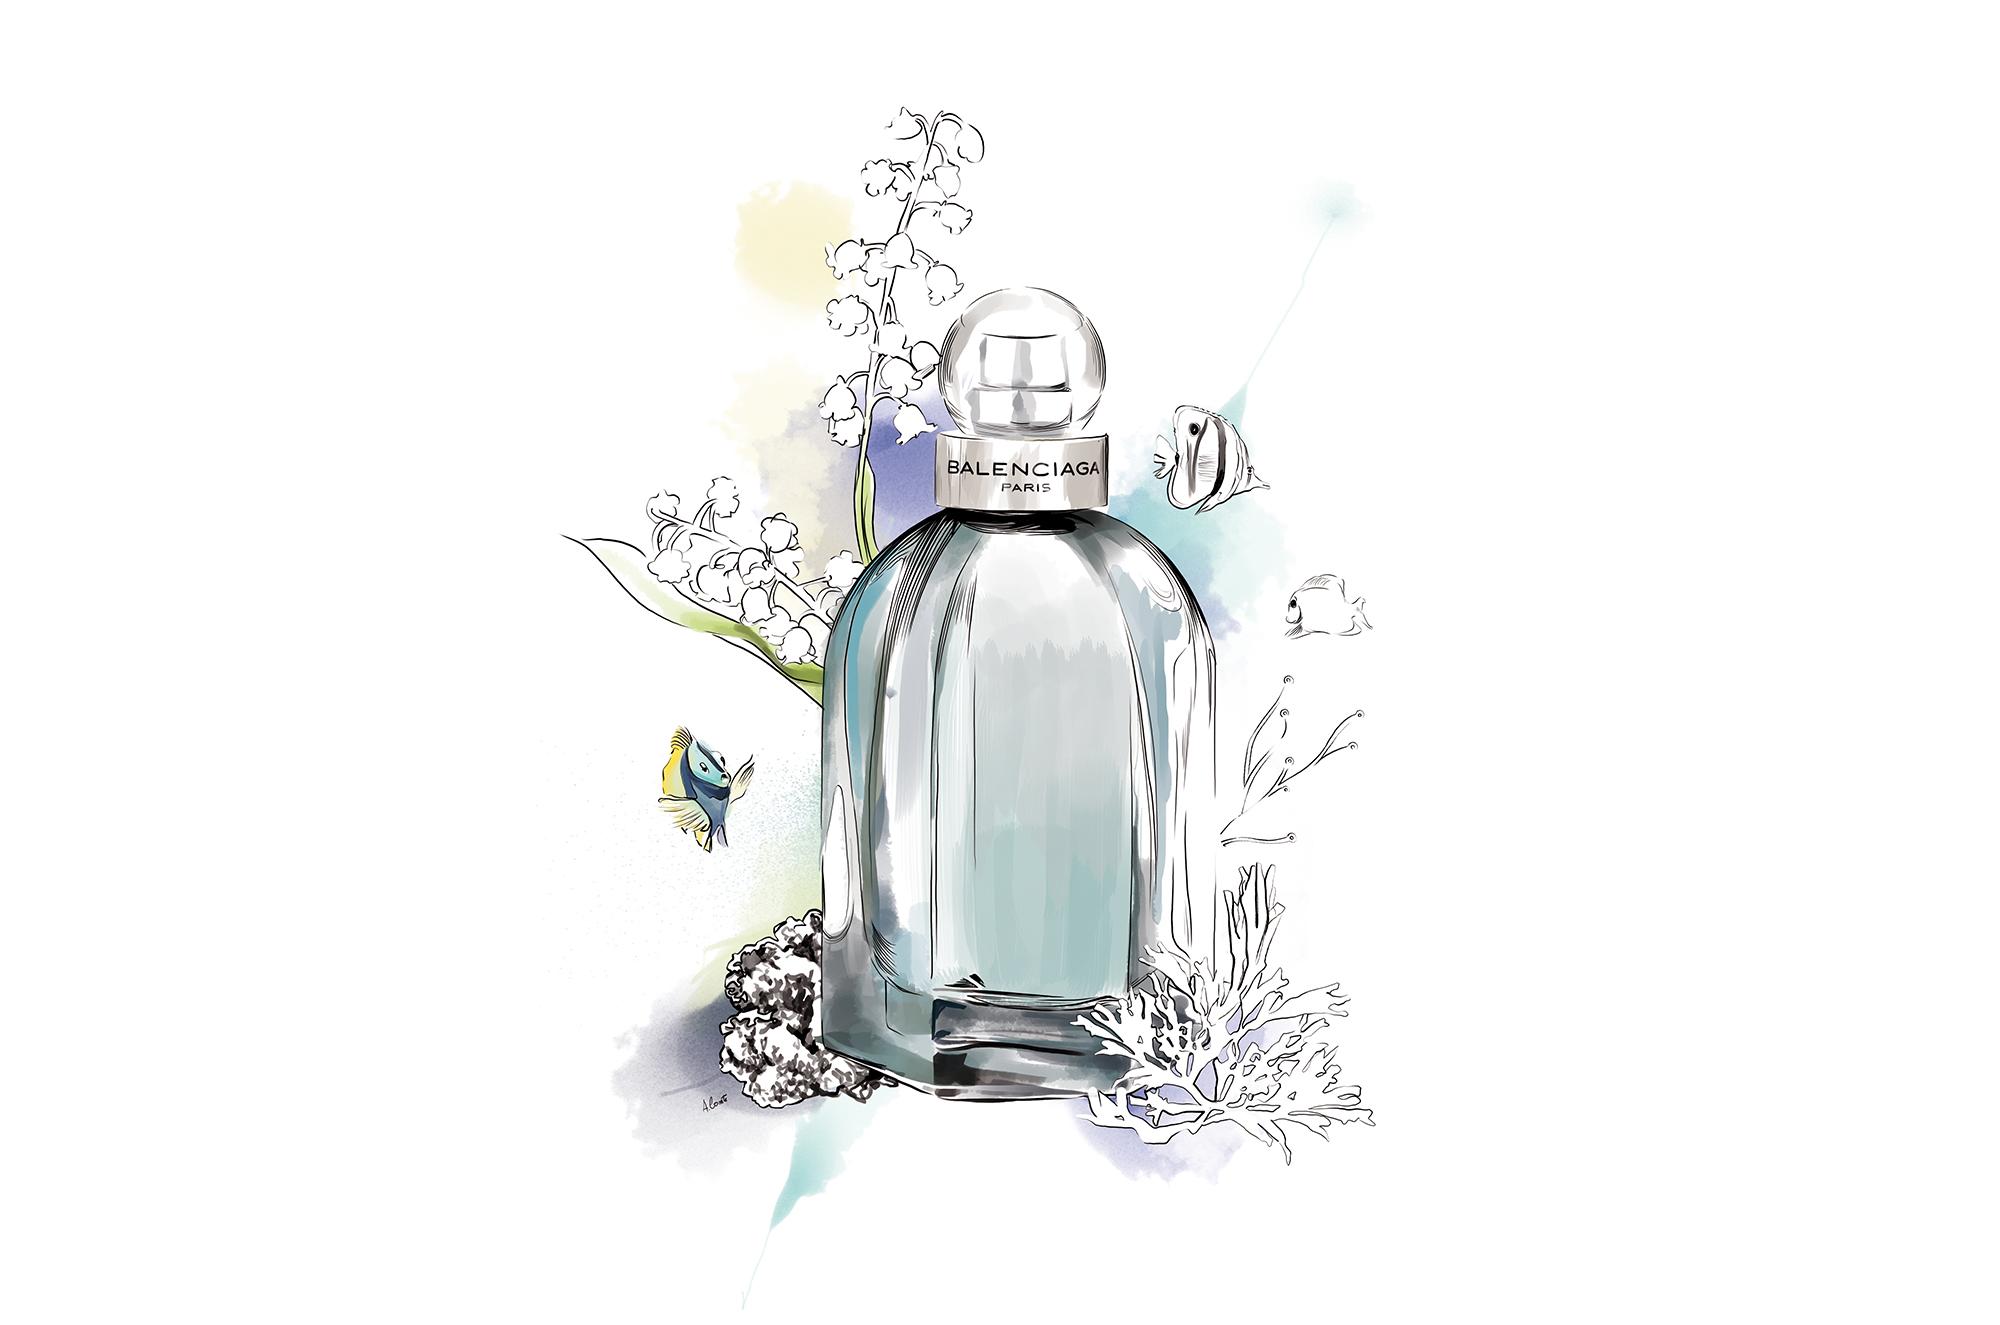 dessin_parfum_balenciaga